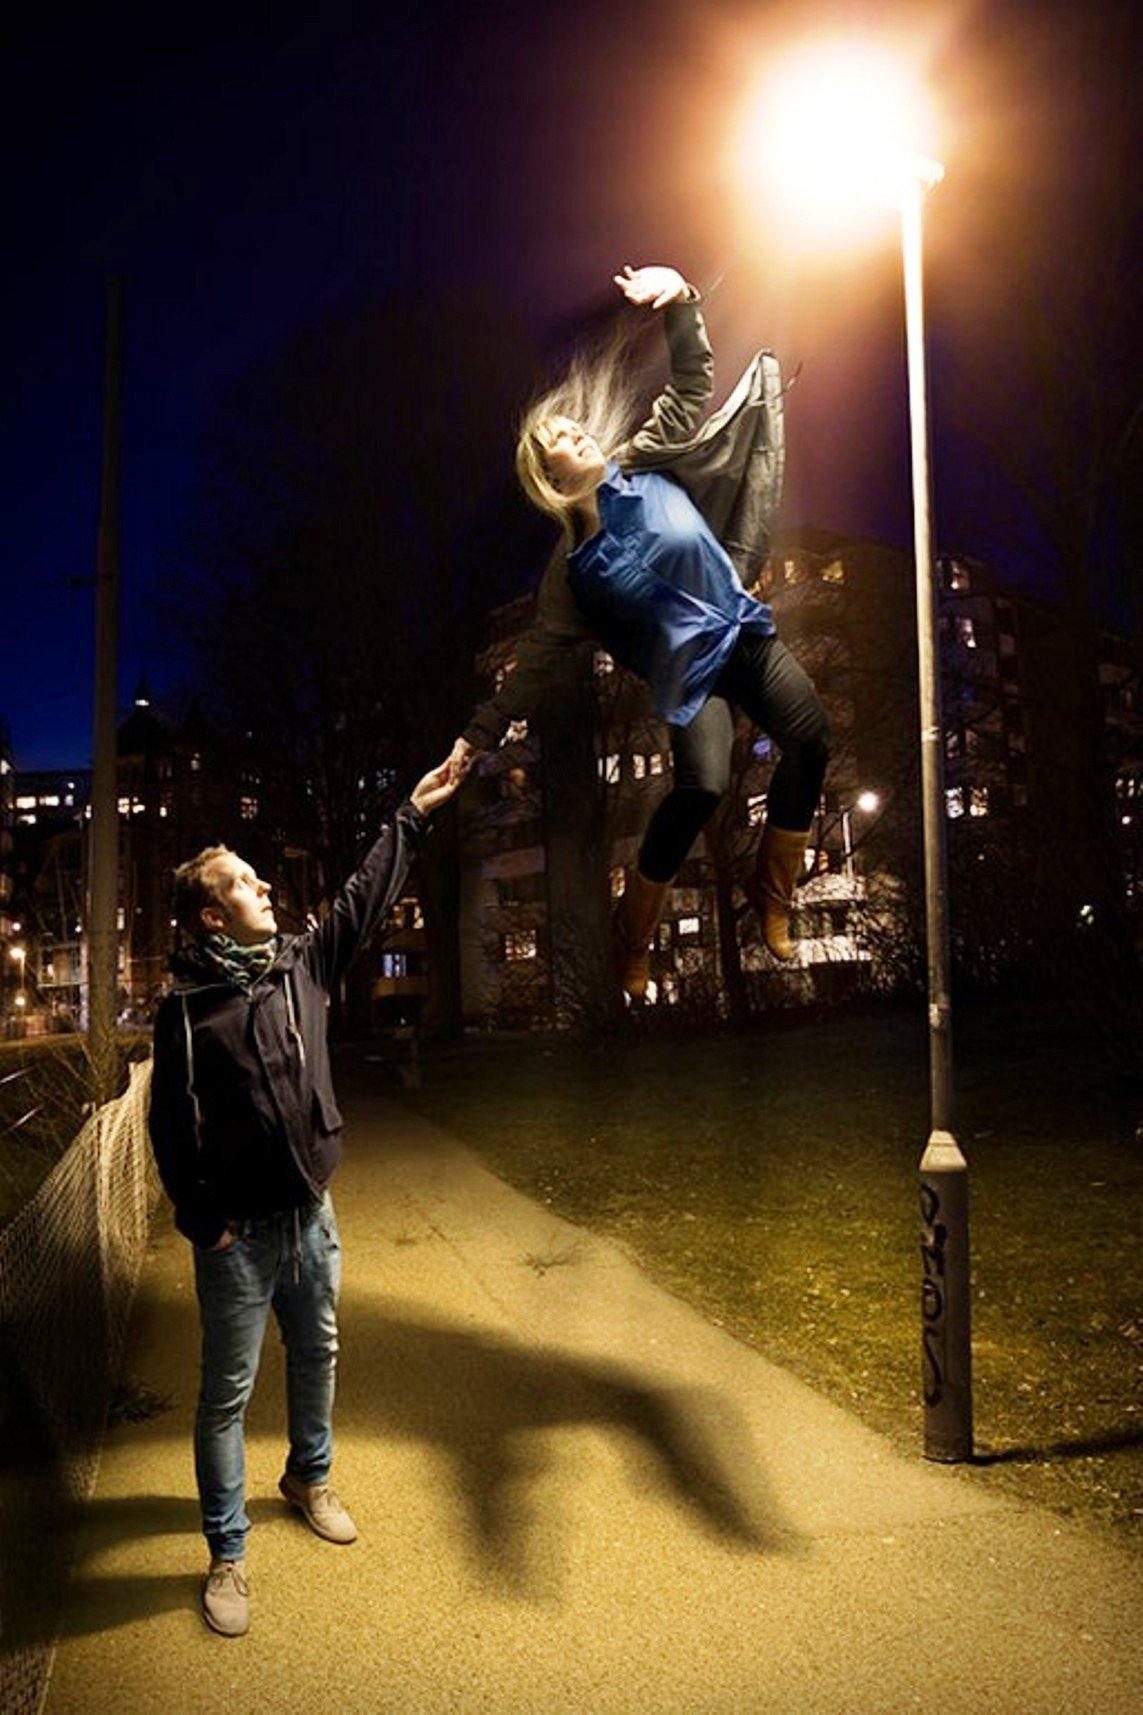 Фотоиллюзии для мечтателей отЭрика Юханссона ...074